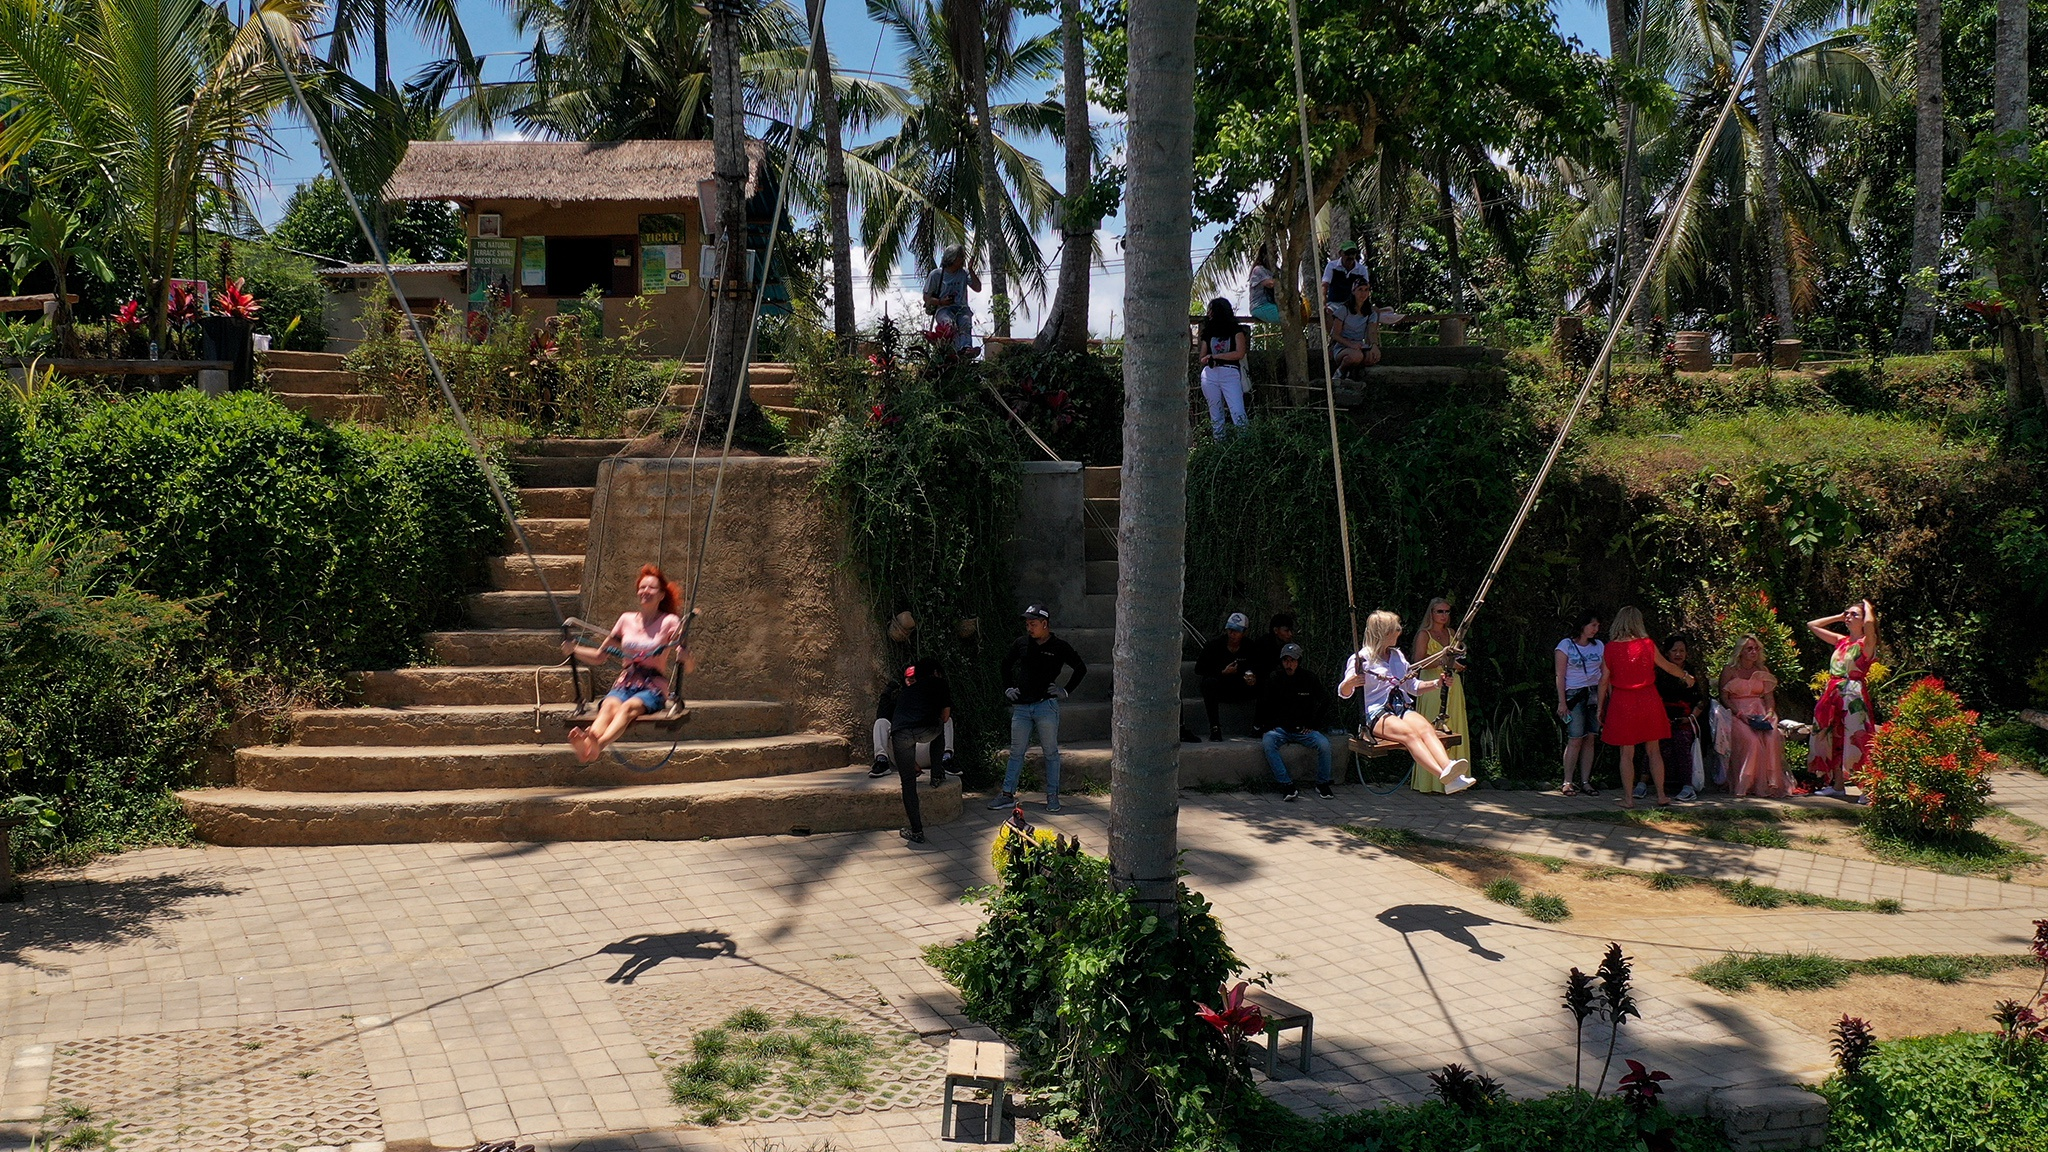 Nhung ngay duoi bat mat troi lan o Bali hinh anh 29